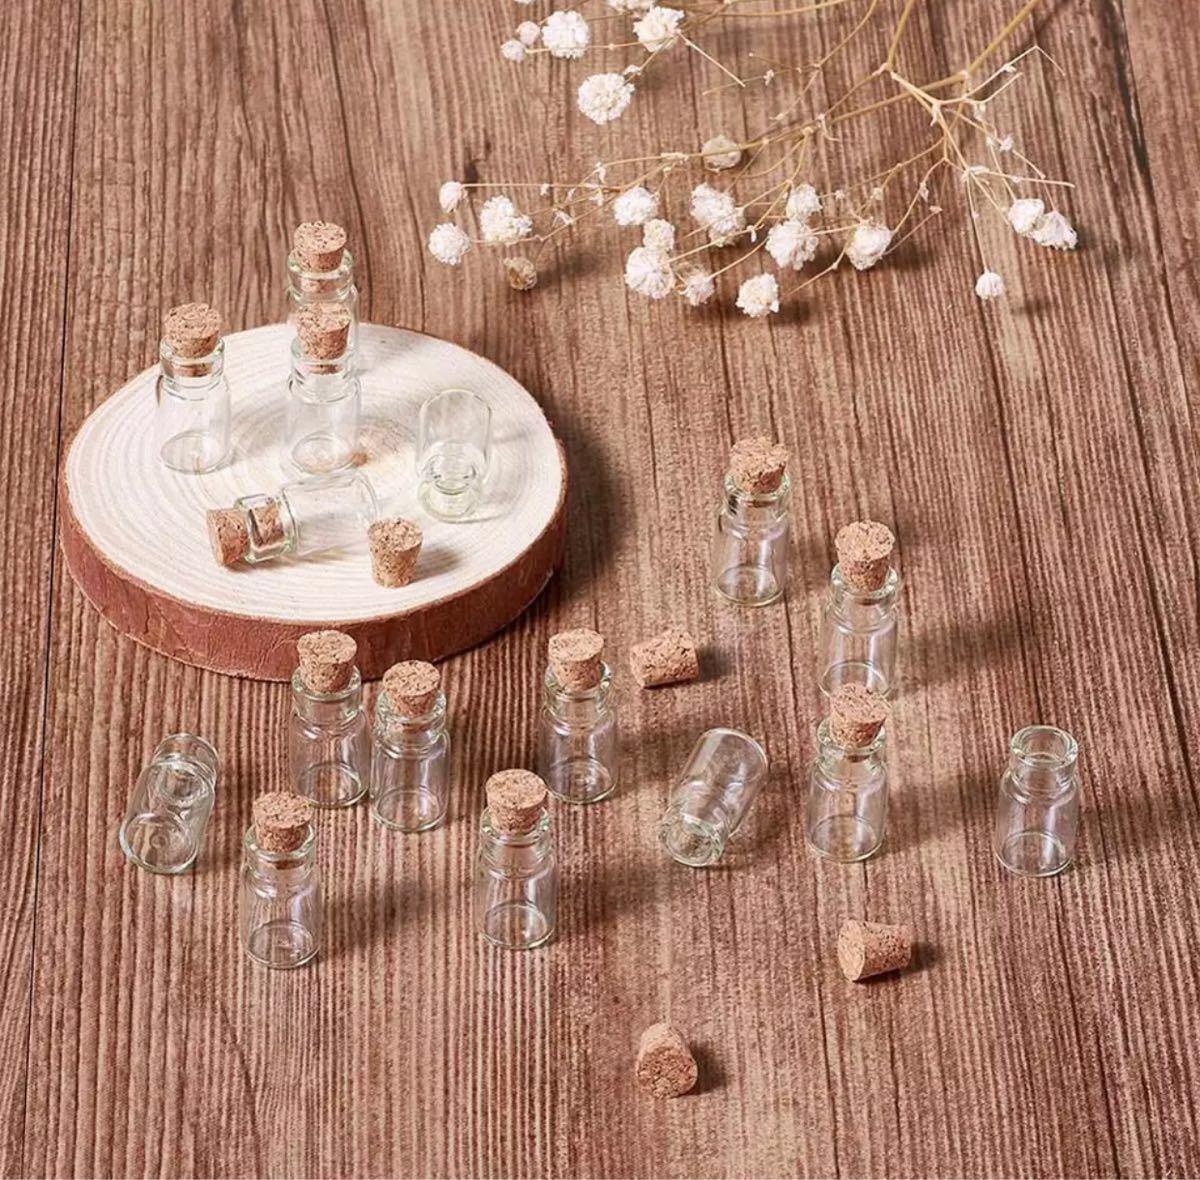 小瓶【まとめ売り】コルク 大量 たくさん ハンドメイド 素材 ガラス ピアス ネックレス パーツ コルク付き ミニチュア